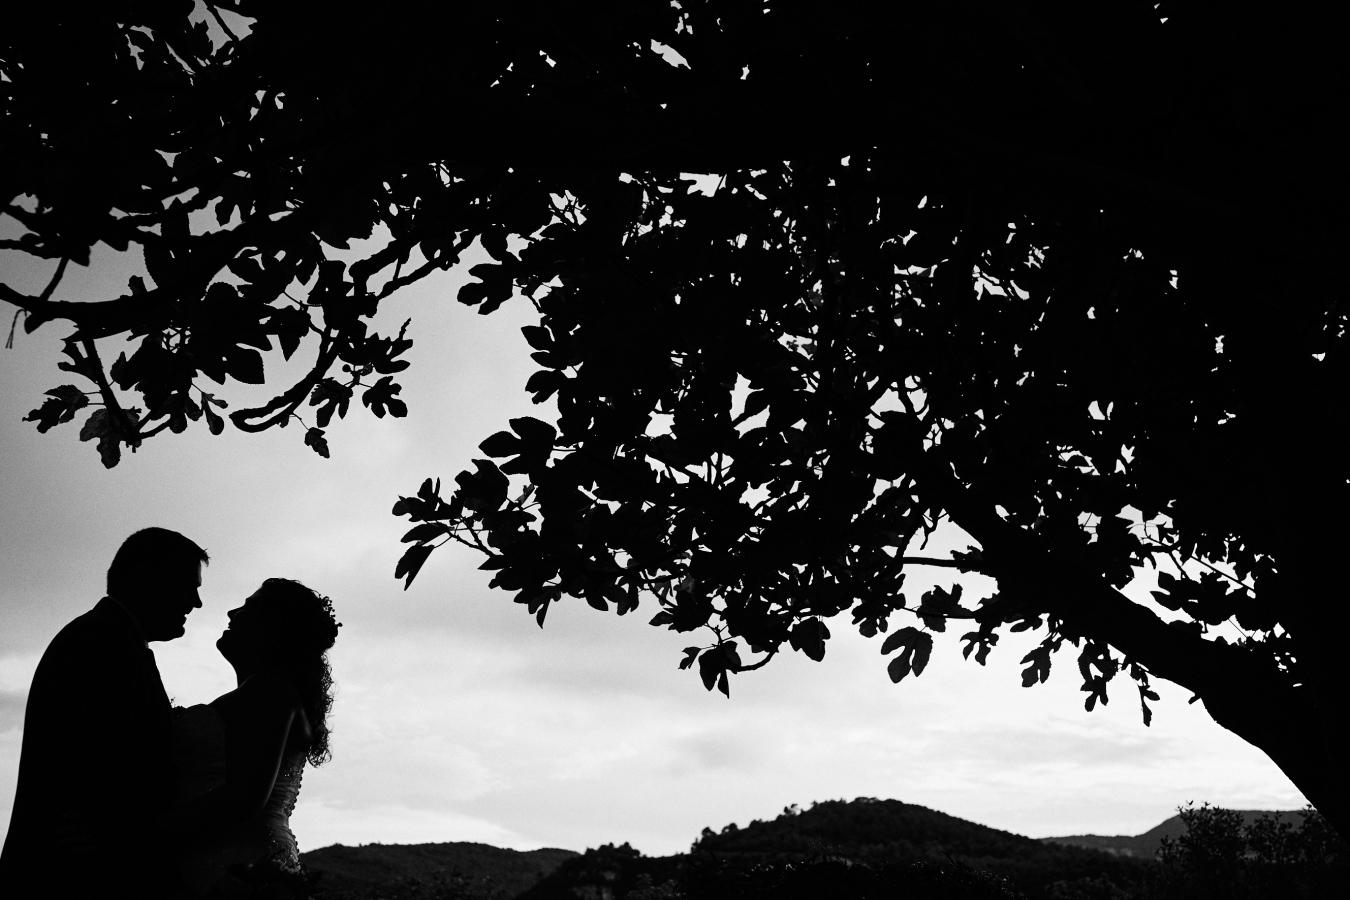 Cristina&Roger - Andreu Fotògraf, Estudi fotogràfic a La Garriga